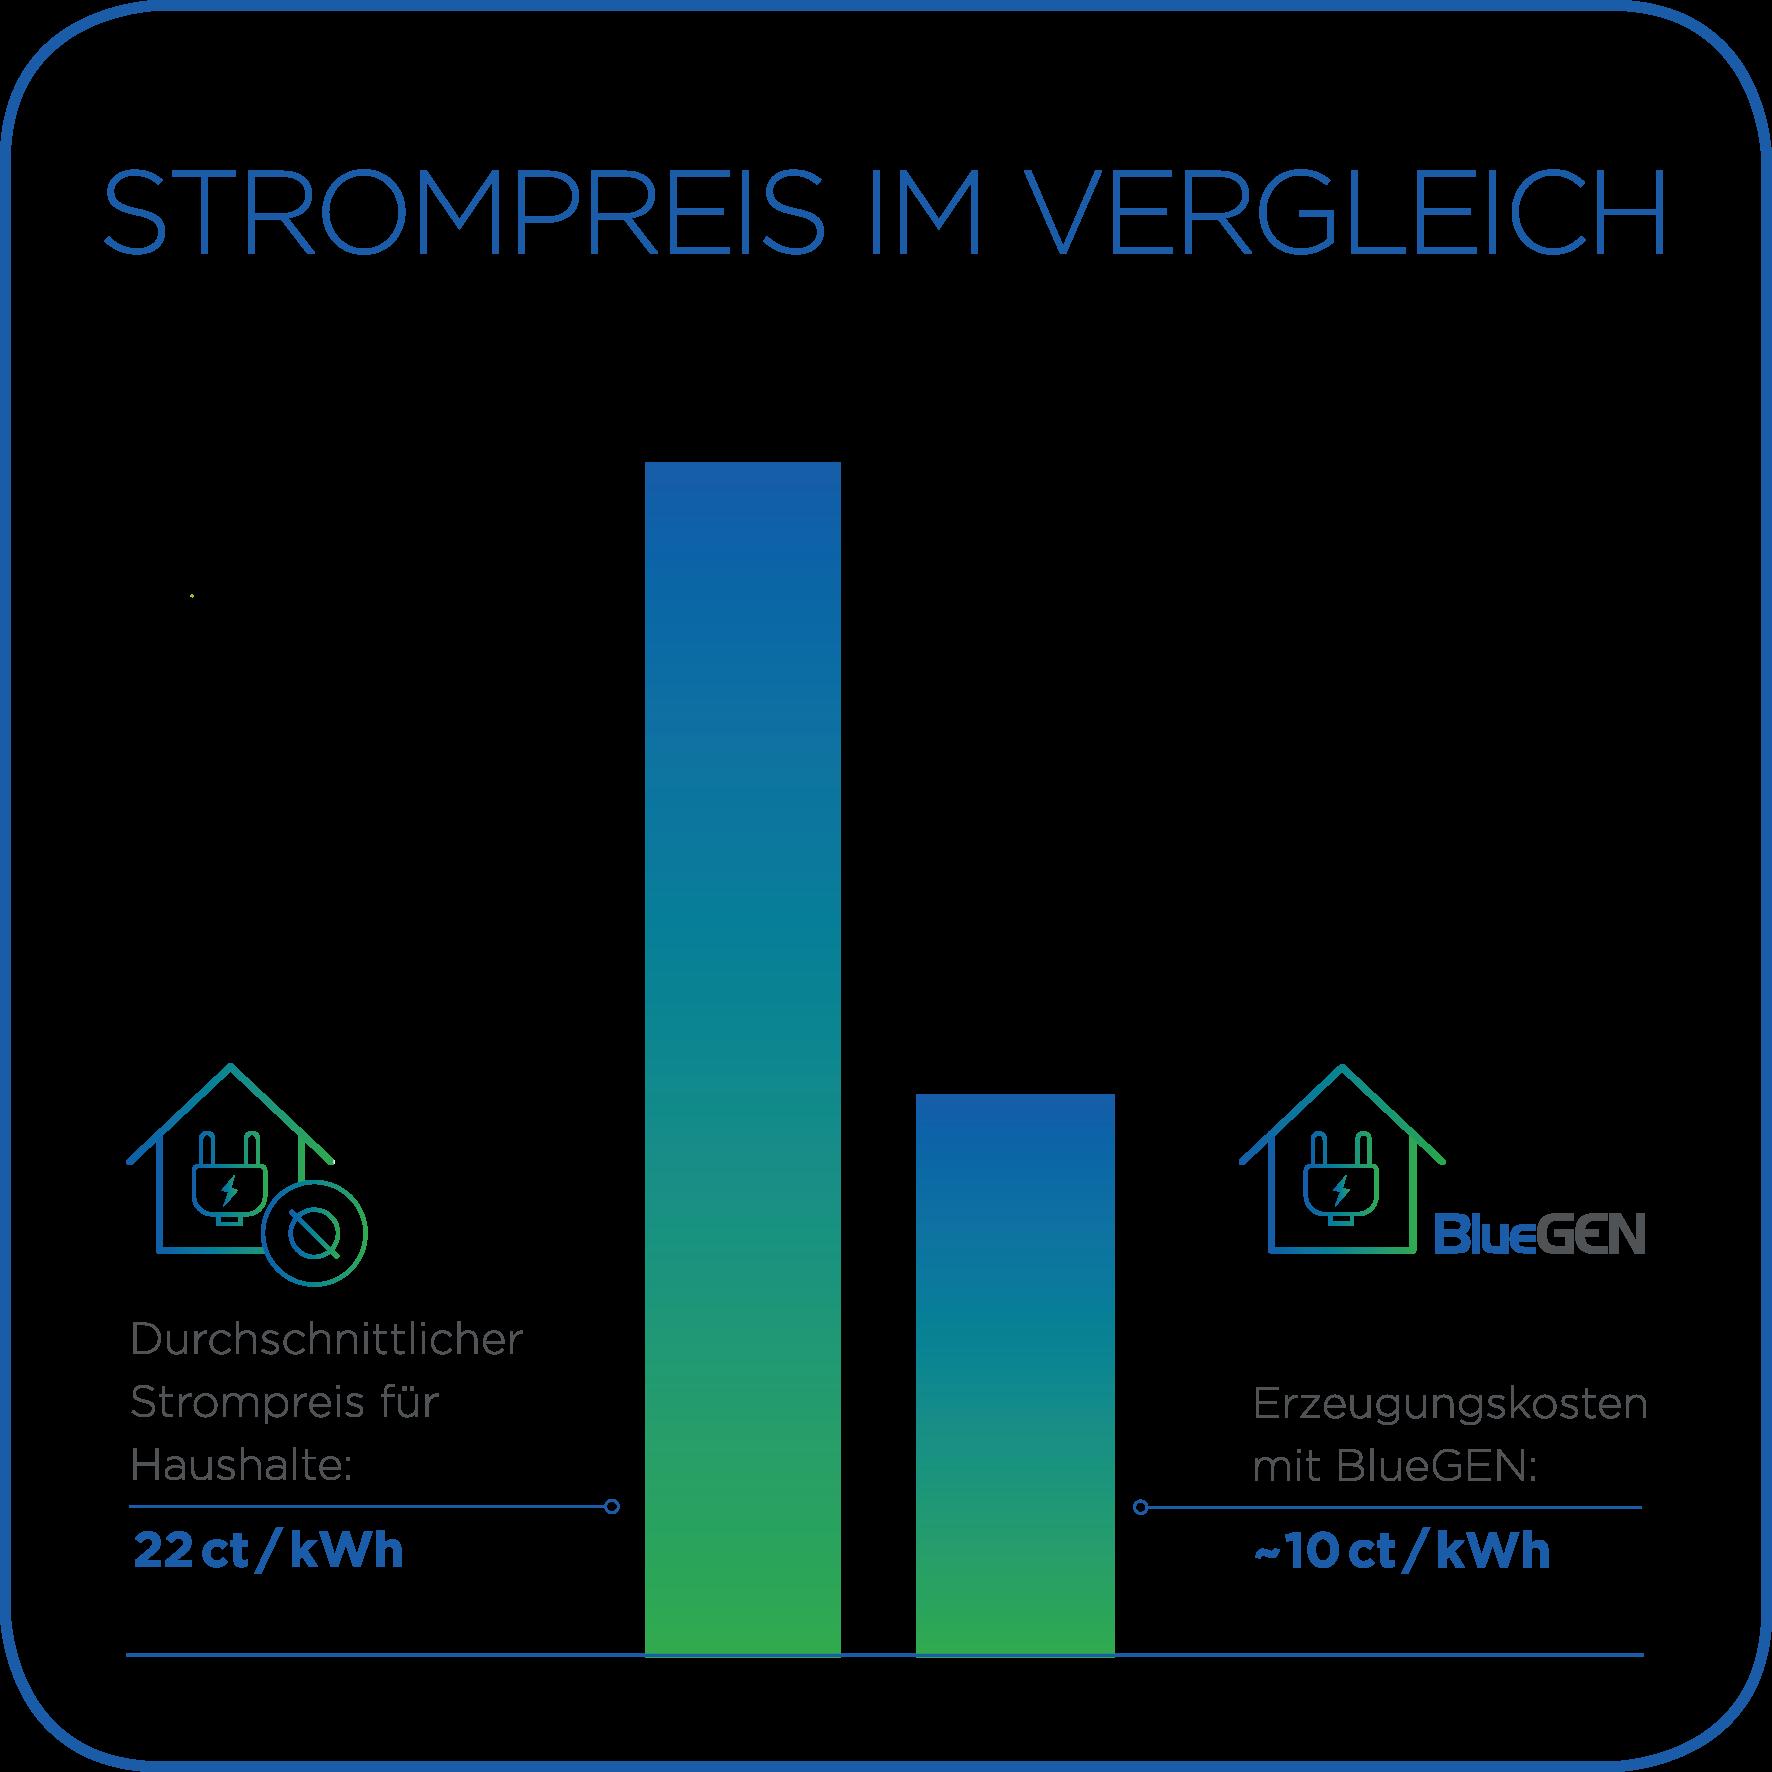 Strompreis_im_Vergleich